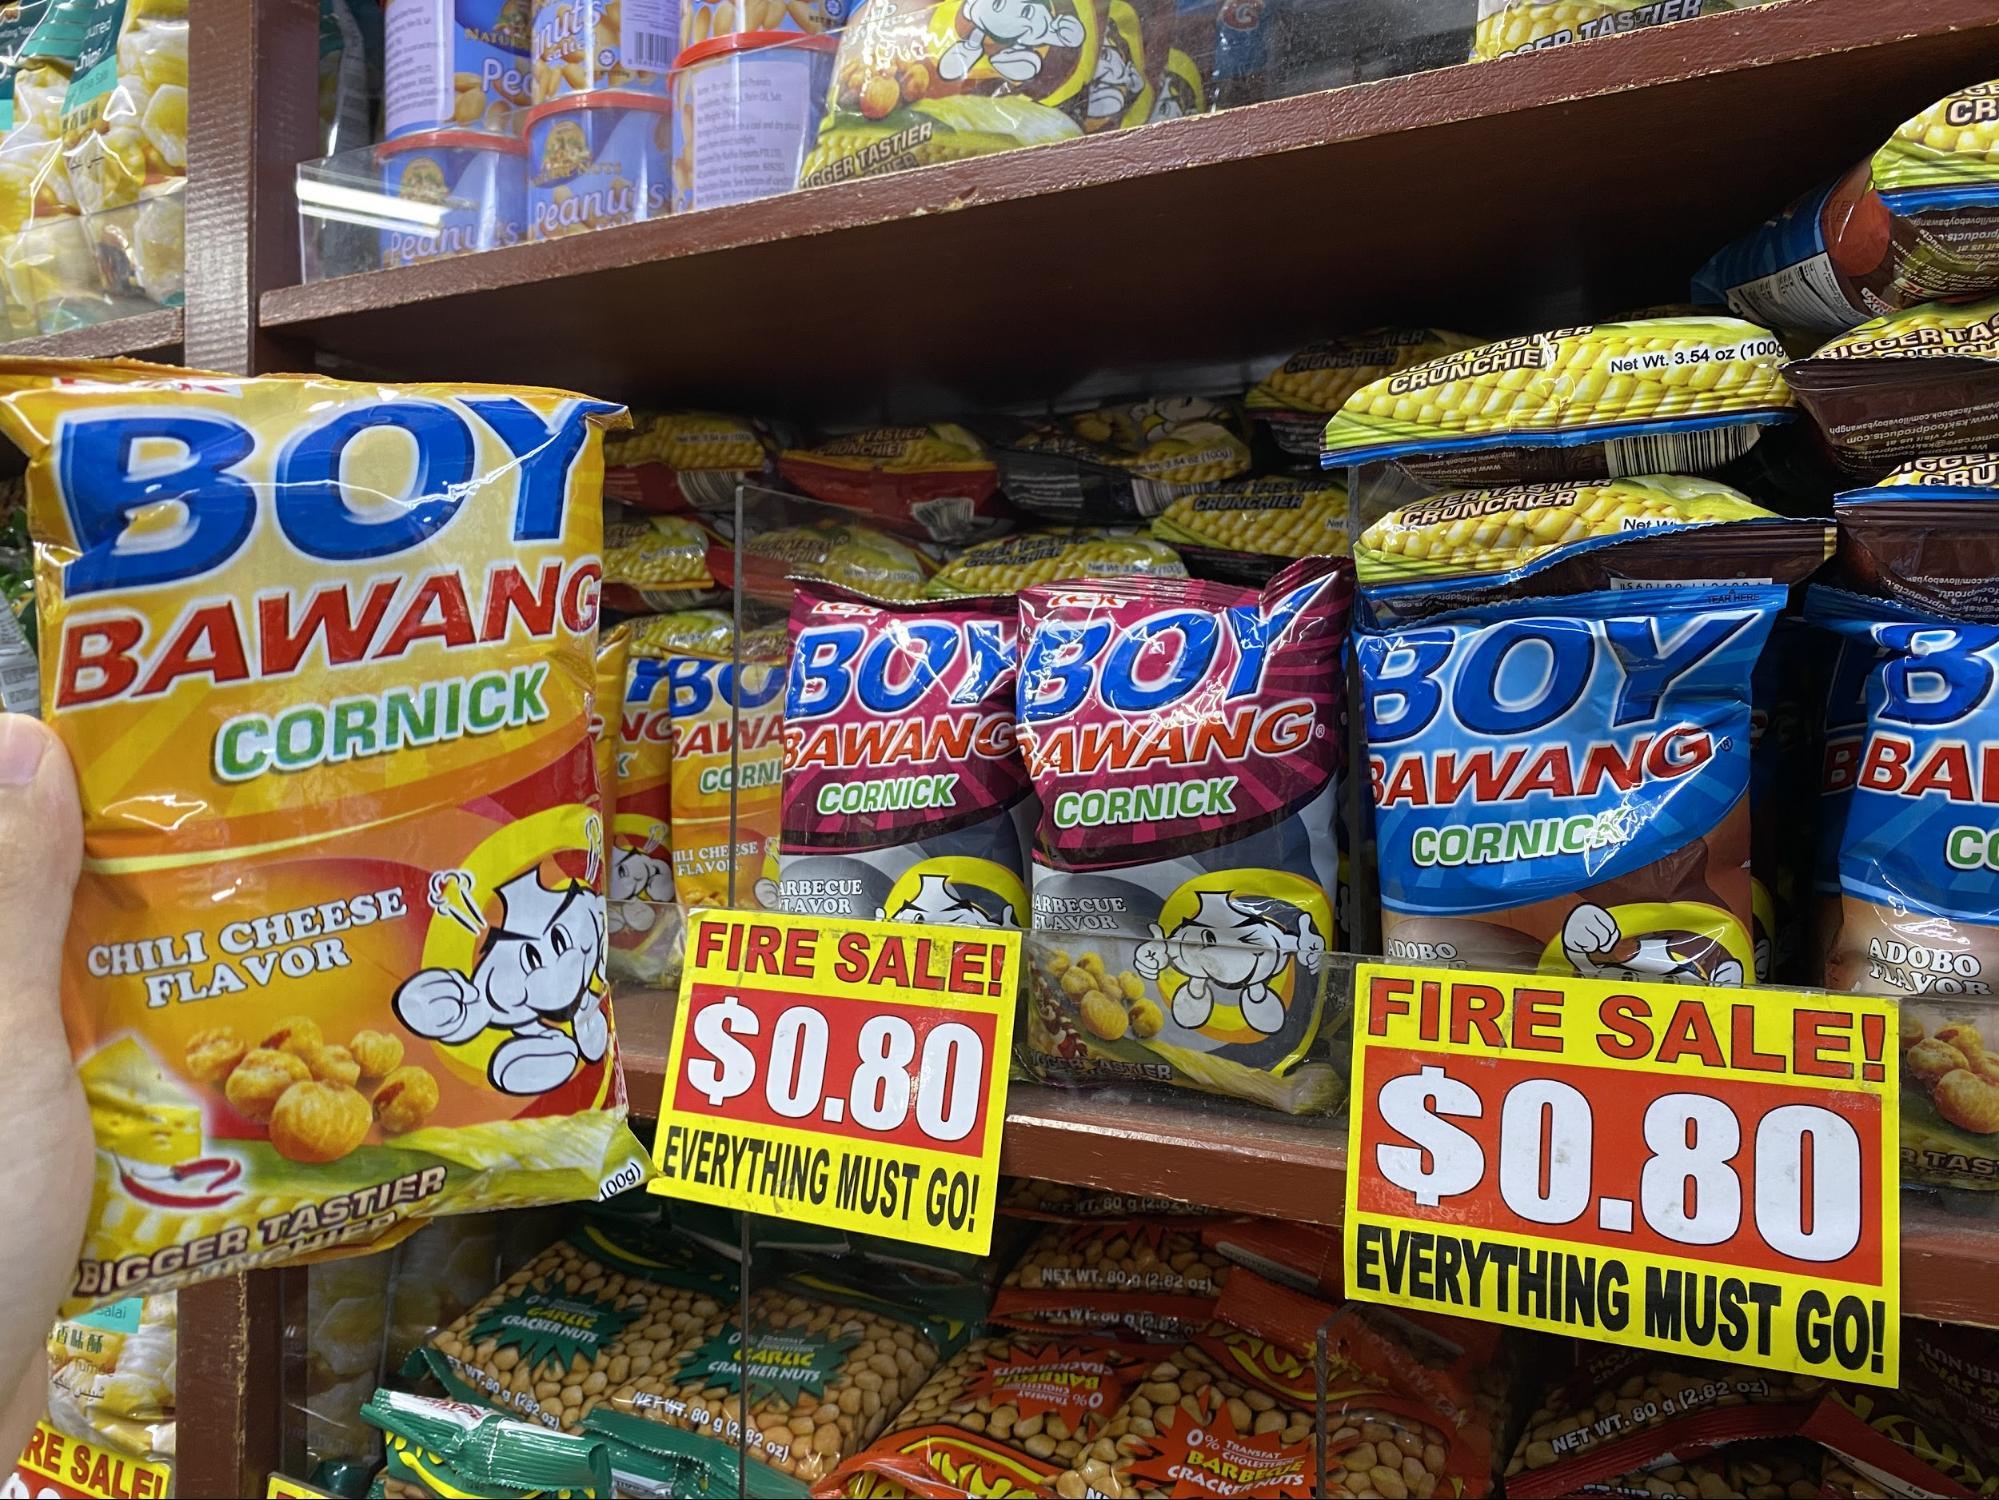 Boy Bawang Cornick snacks at the Value Dollar Store